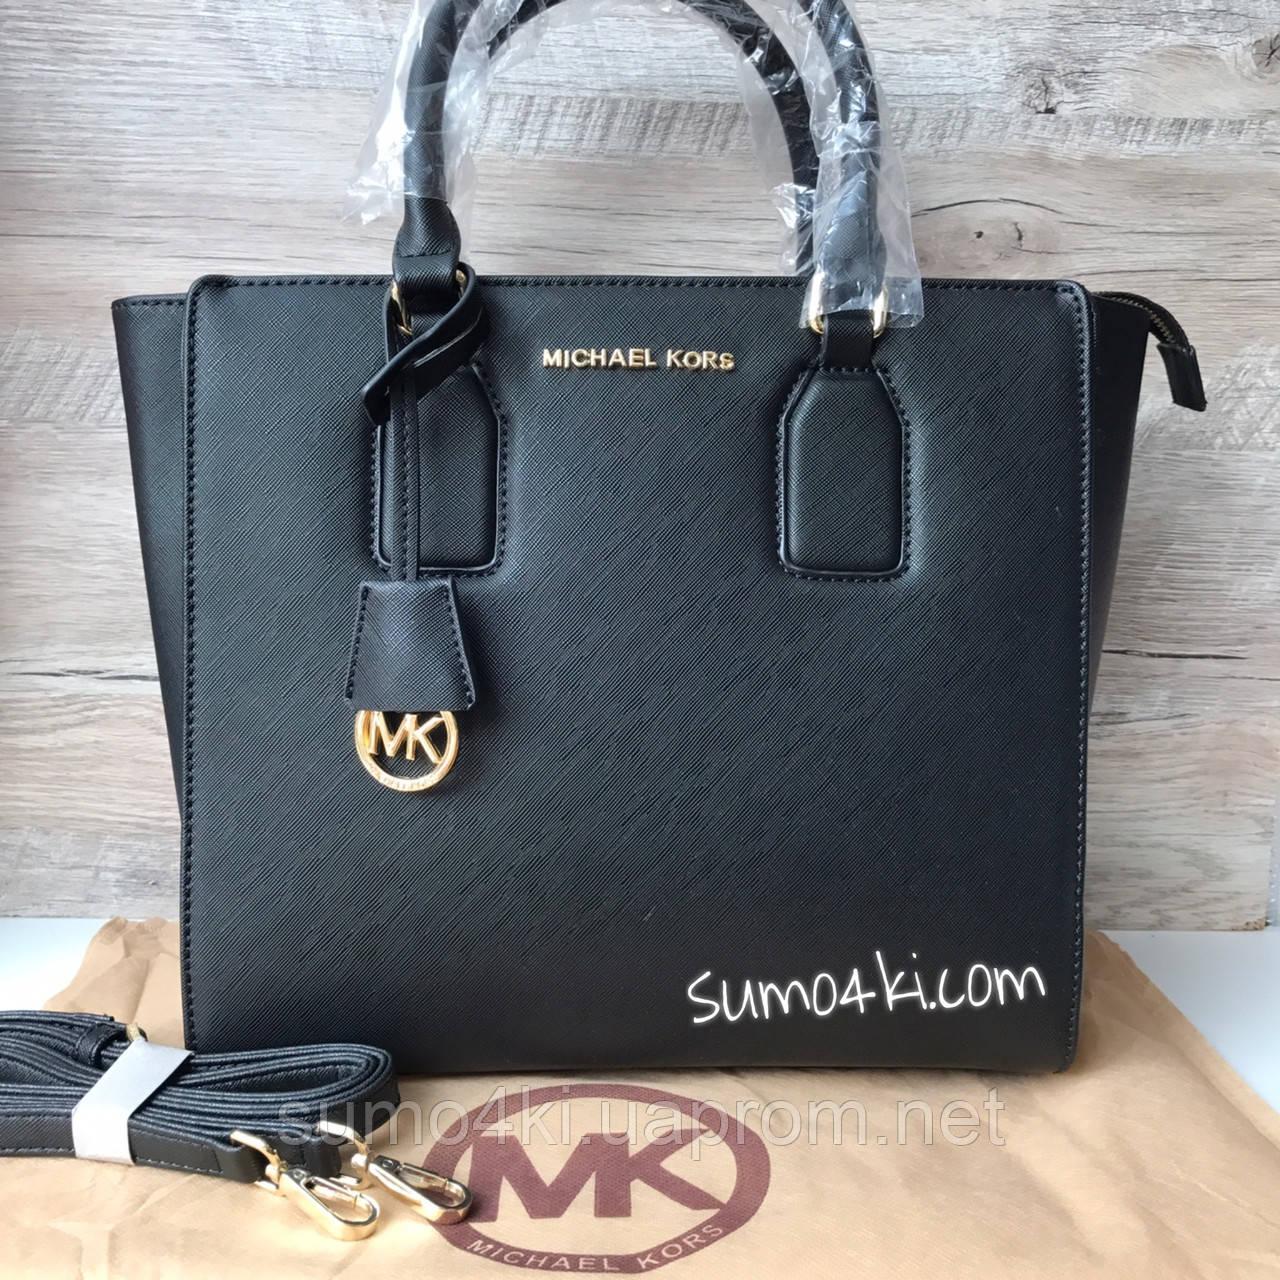 786b4fdfd196 Купить Женскую сумку Michael Kors Майкла Корс чёрную оптом и в ...